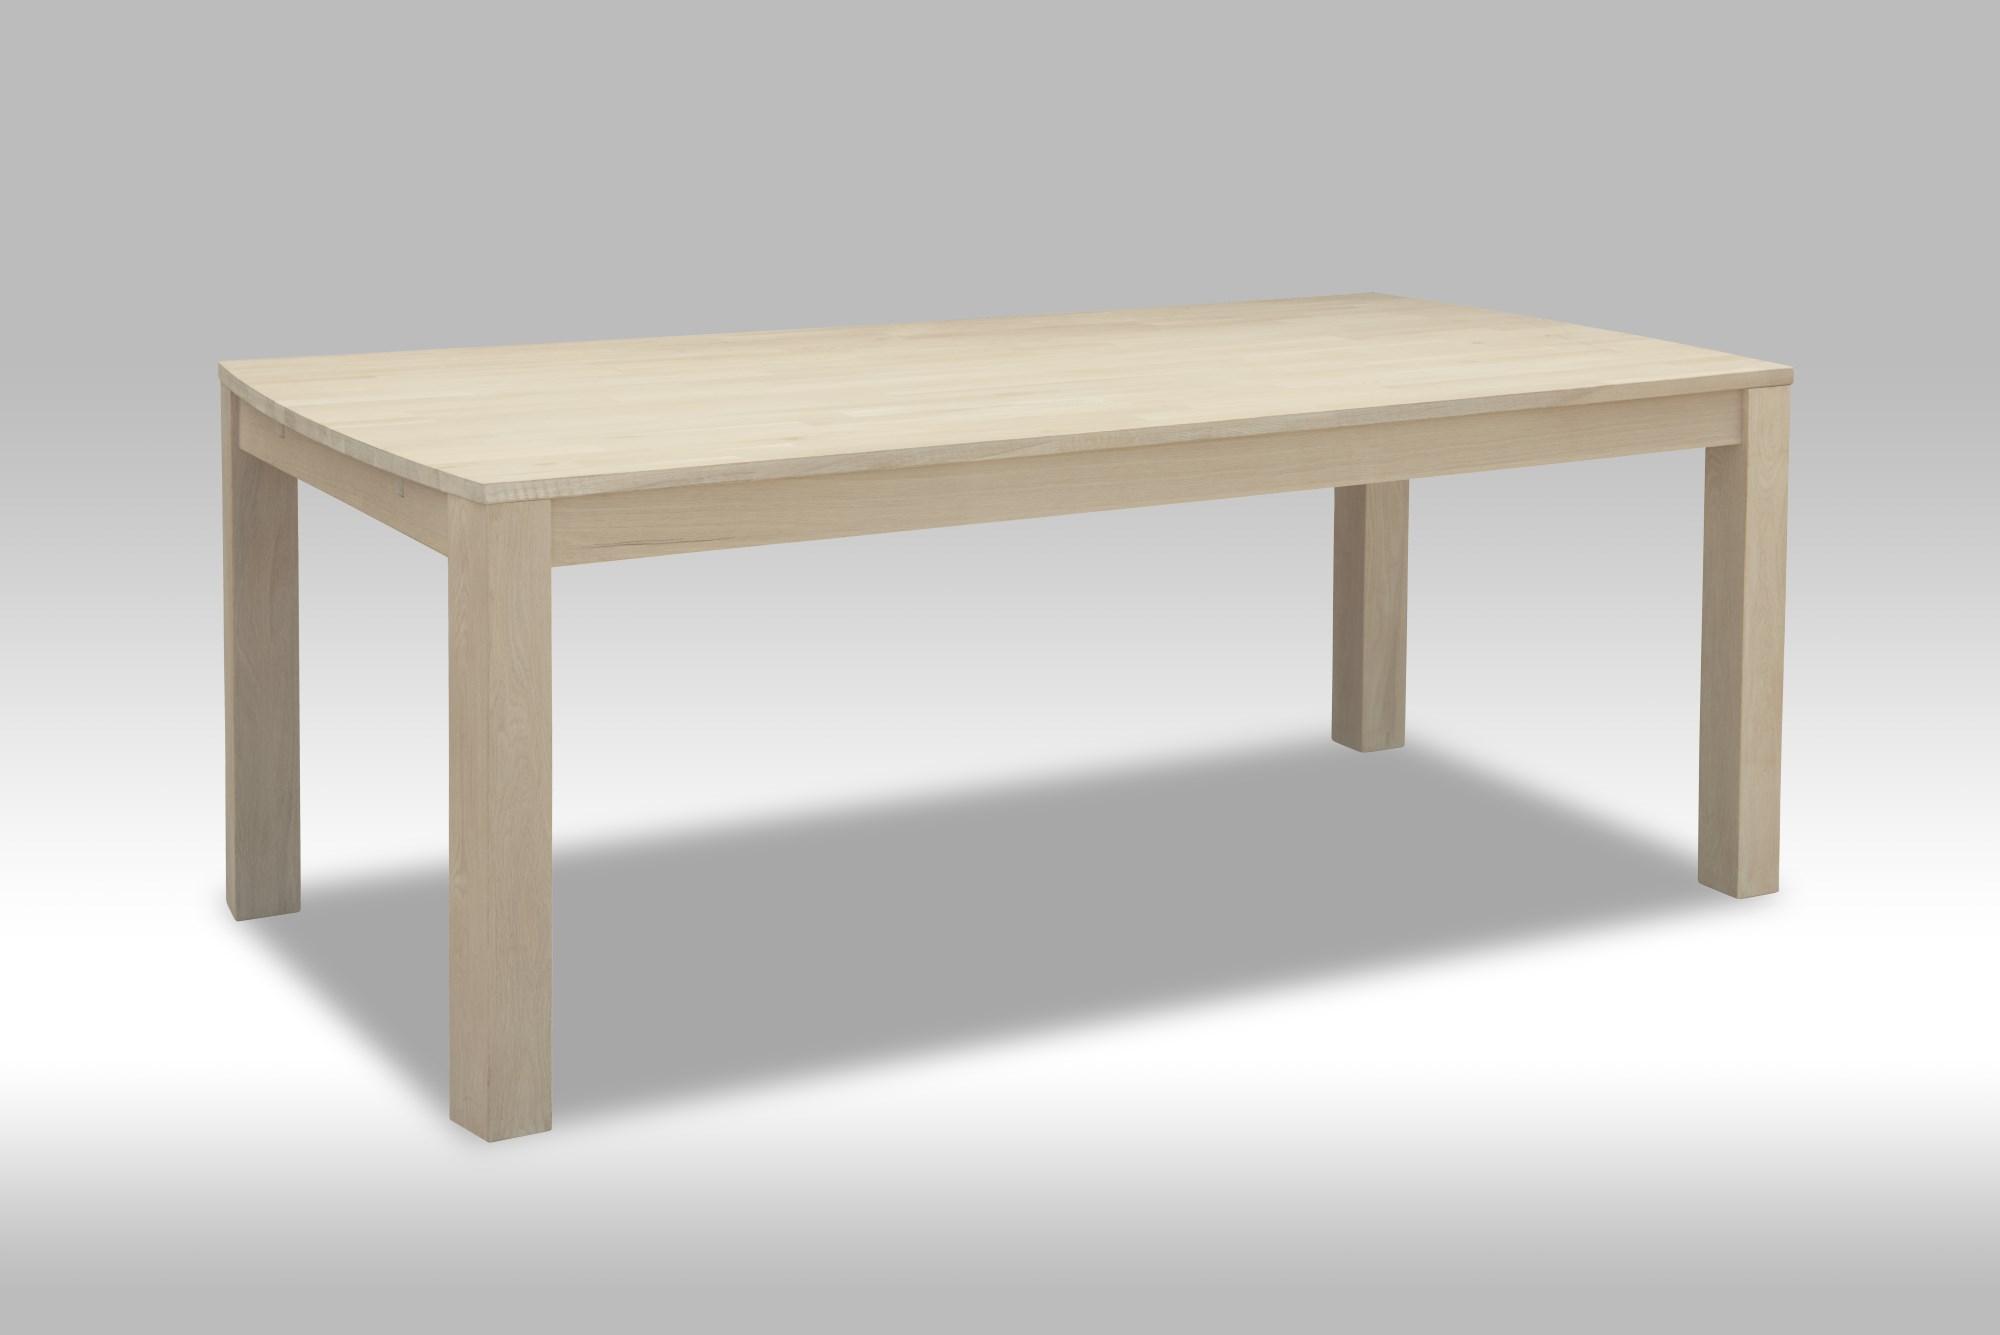 Boboonline Paris Spisebord - Hvidolieret Egetræ, 200 X 100 Cm Spiseborde I Træ